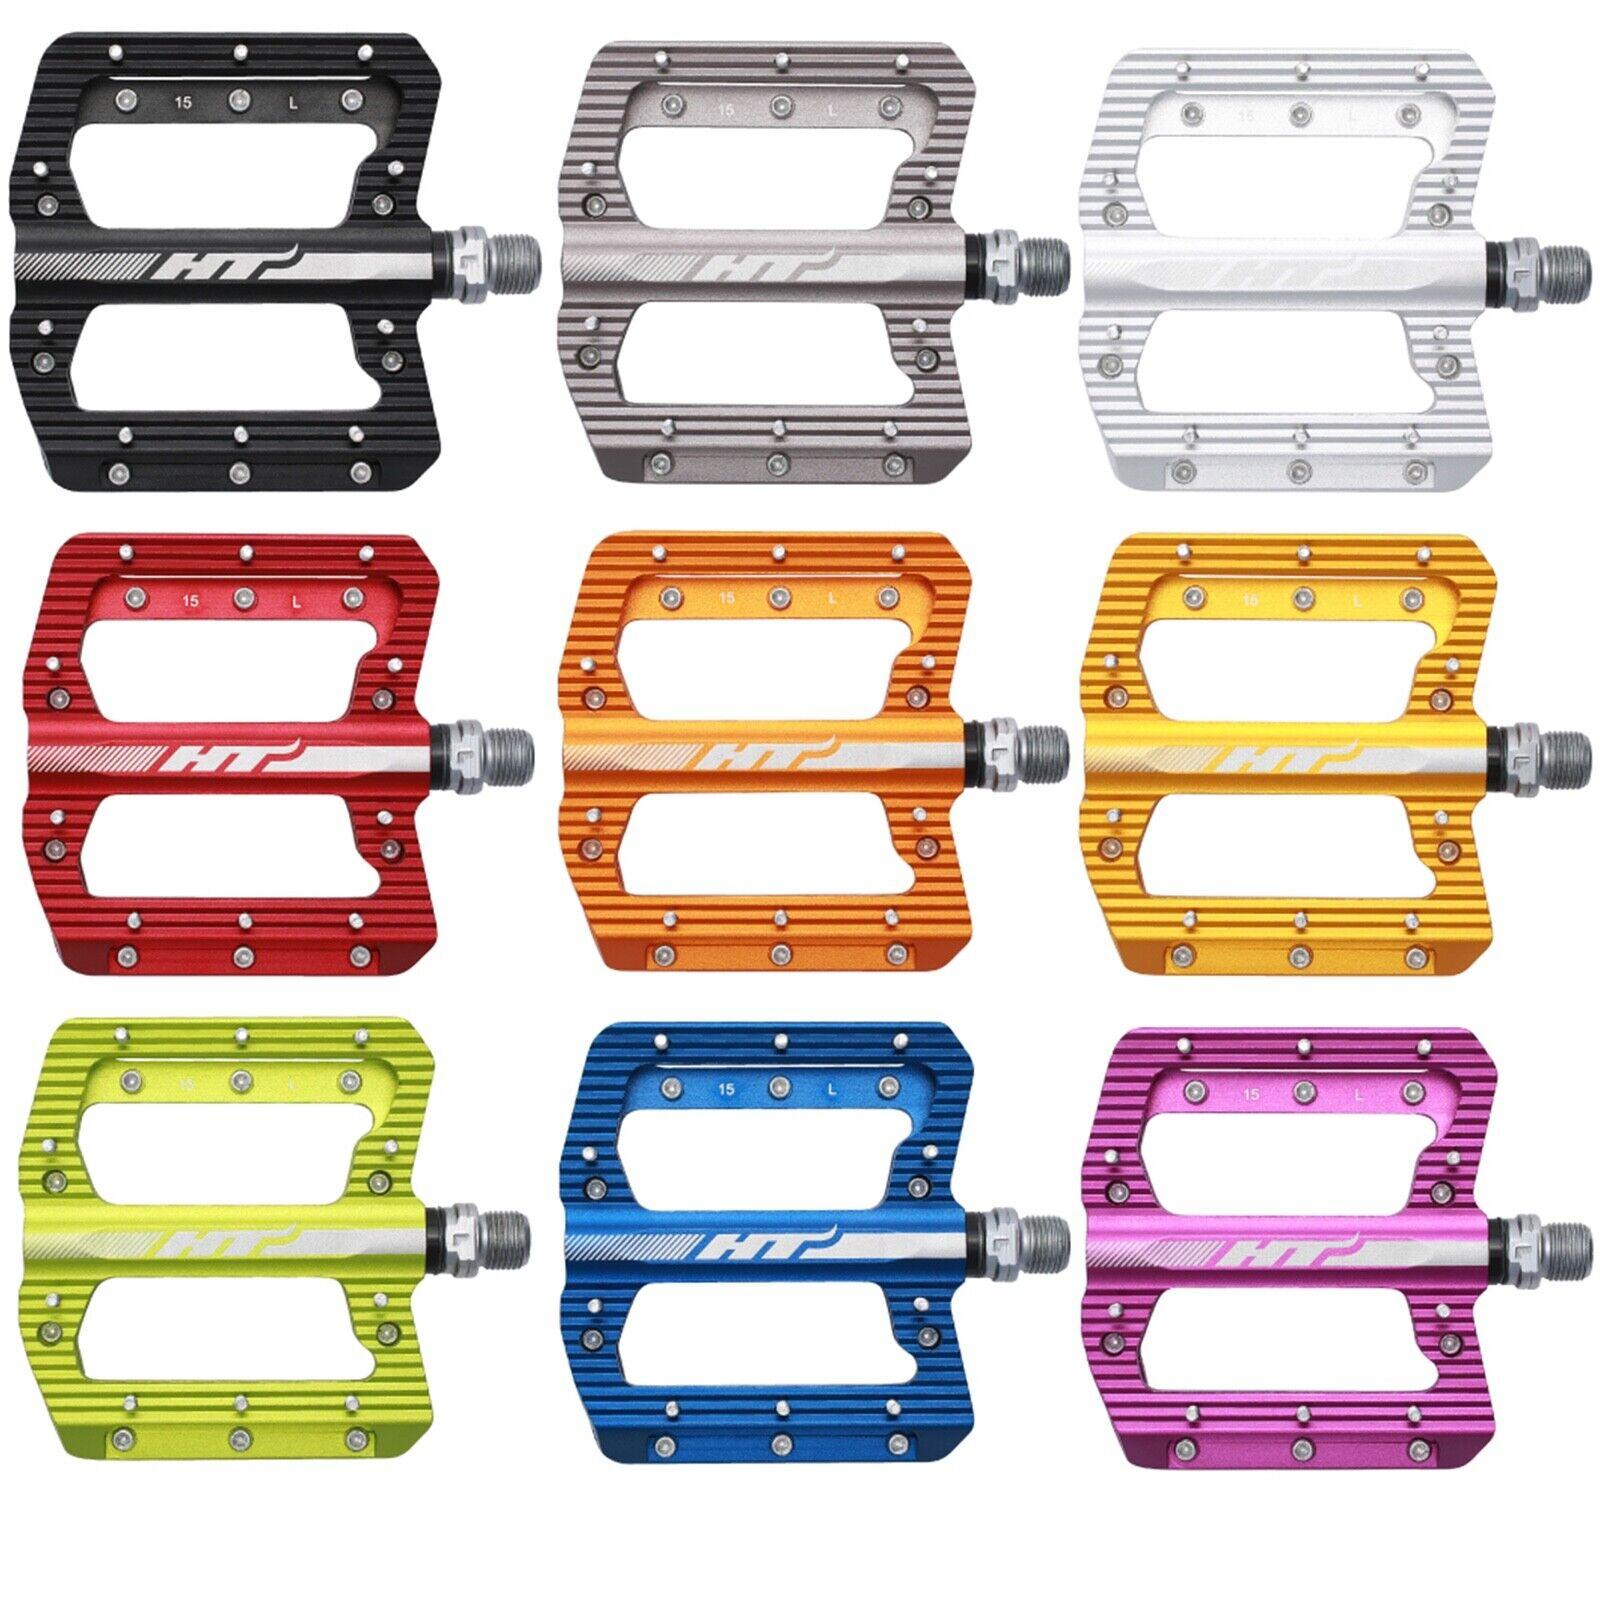 Pedales de Bicicleta de  Aleación HT componentes ANS01 9 16   autentico en linea